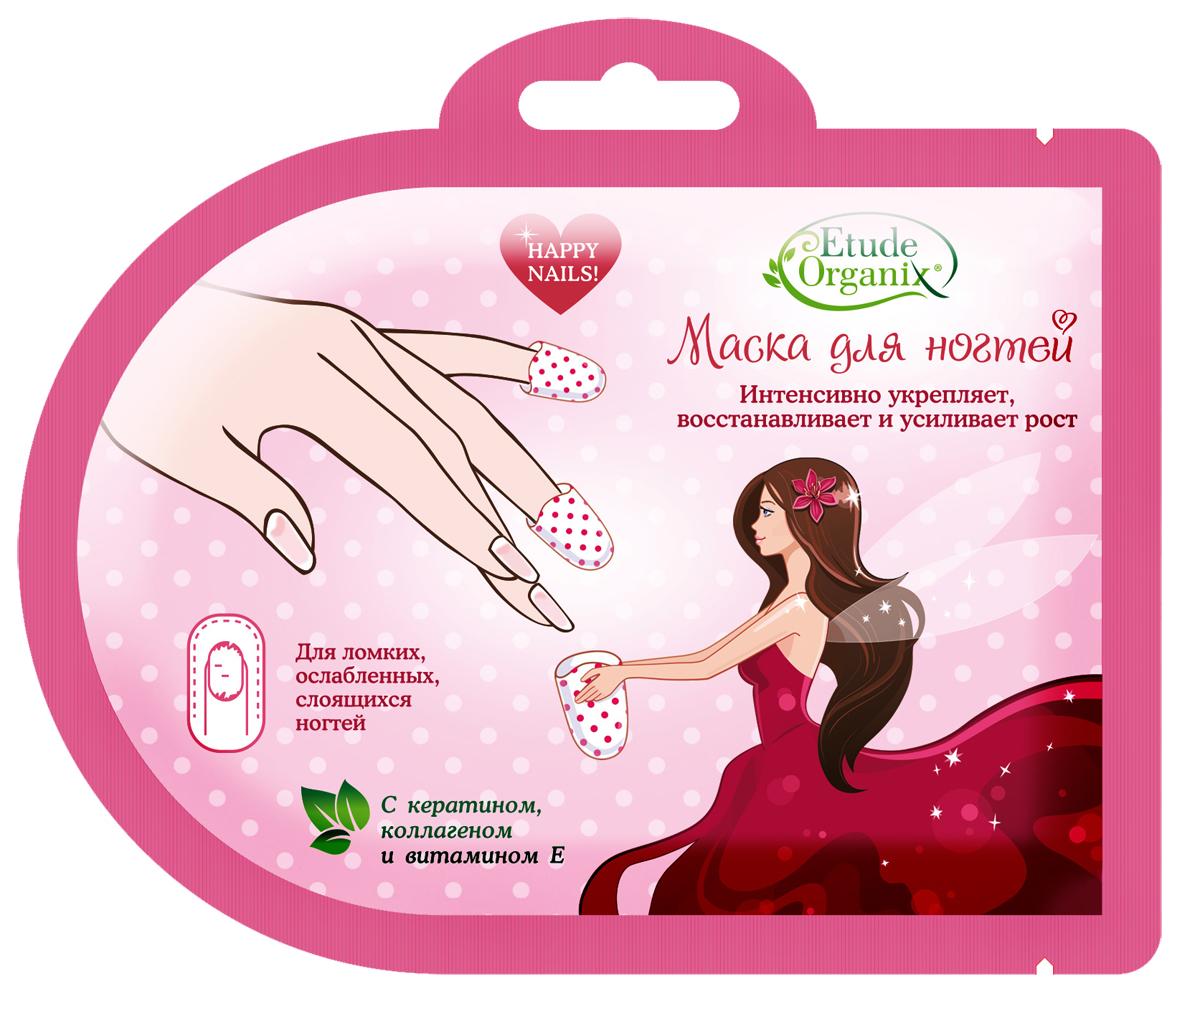 Маска для ногтей, 5 саше8809270621579Набор масок для ногтей. Комбинация коллагена и протеина сои (растительного кератина) восстанавливает структуру и защитные свойства ногтя, стимулирует деление клеток, способствует усиленному росту ногтевой пластины. Сочетание витамина Е с ценными маслами макадамии и манго препятствует расслоению, превосходно питает ногти и смягчает кутикулу, защищая ее от растрескивания и заусенцев. Инновационная маска Etude Organix плотно обволакивает каждый ноготок, обеспечивая максимально глубокое проникновение активных компонентов. Ногти становятся крепкими, гладкими и эластичными! Маска рекомендована для ухода за ломкими, слоящимися и медленно растущими ногтями, а также подходит для восстановления ногтей, ослабленных частым окрашиванием и наращиванием. Упаковка из 5 масок.